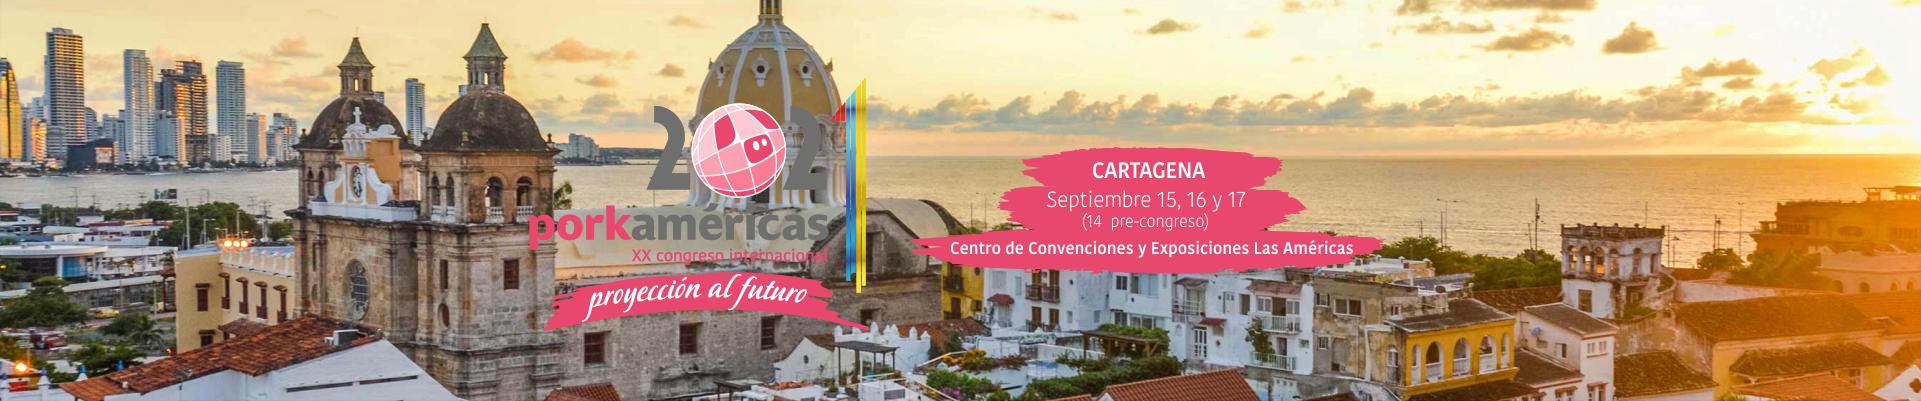 https://www.porkcolombia.co/wp-content/uploads/2020/11/Porkaméricas-2021-Porkcolombia-1.png